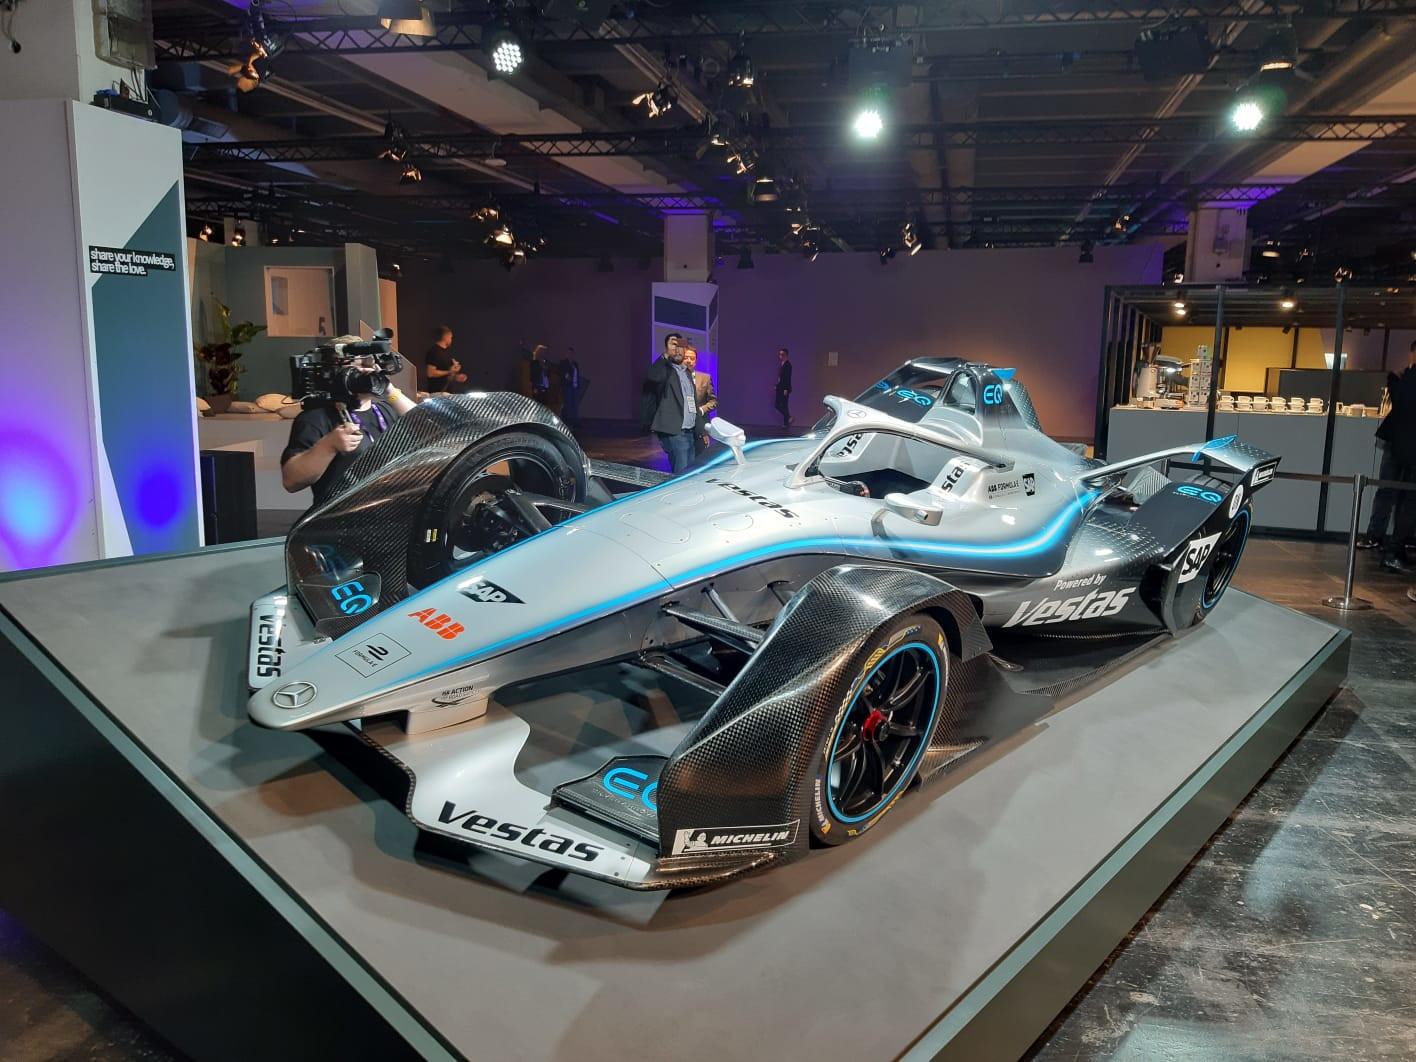 Il salone dell'auto di Francoforte è l'evento scelto per la Mercedes per svelare la livrea della EQ Silver Arrow 01 che debutterà nel prossimo campionato di Formula E, oltre al team ufficiale: Stoffel Vandoorne sarà affiancato da Nyck de Vries.